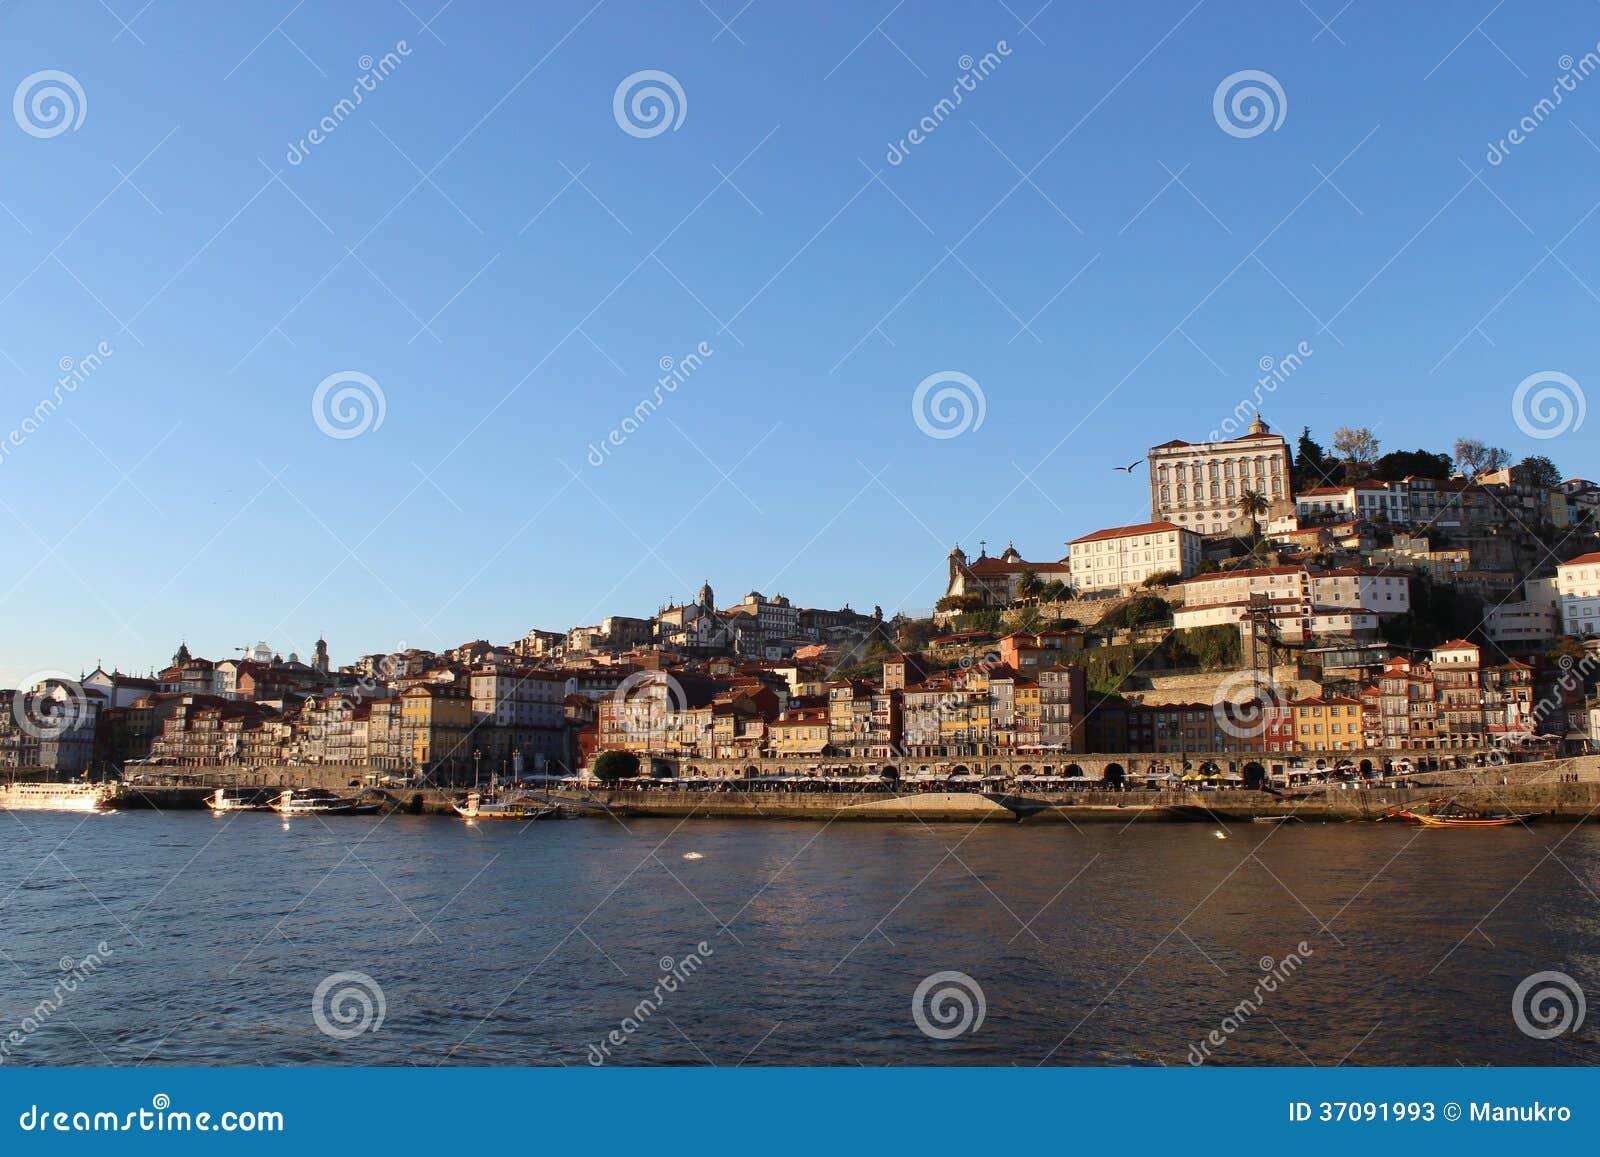 Download Porto krajobraz z rzeką obraz stock. Obraz złożonej z łódź - 37091993